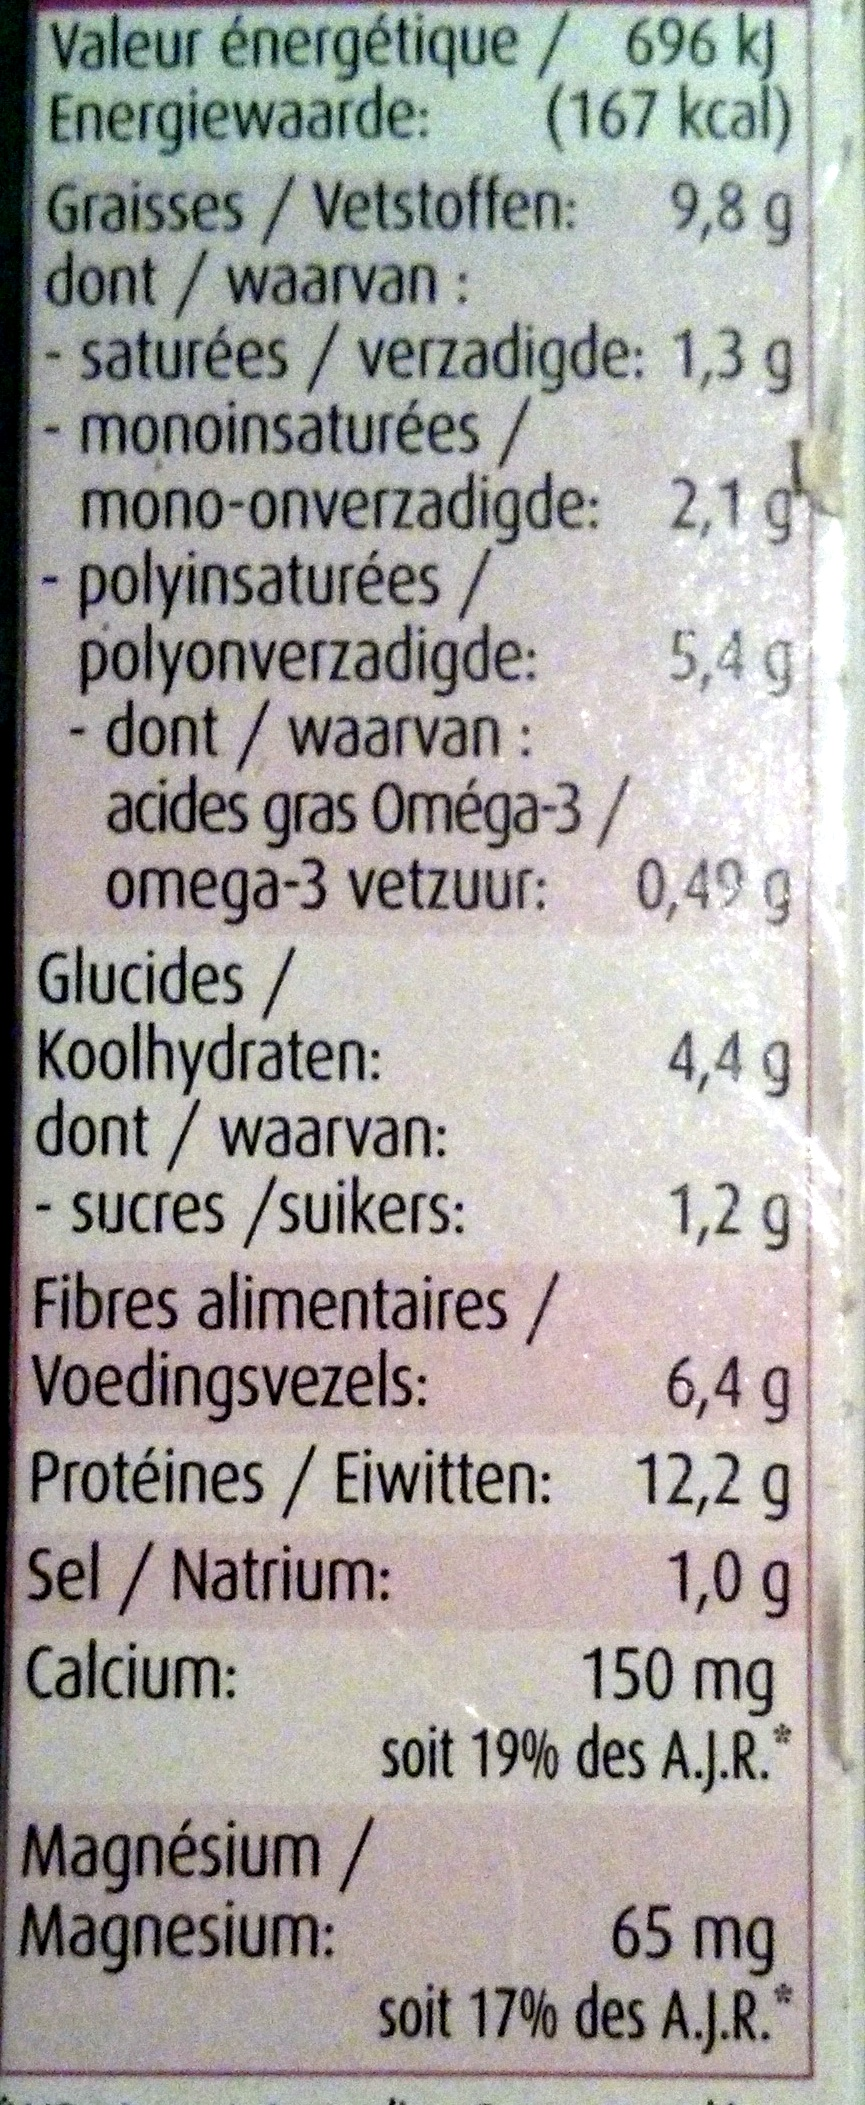 Croque Tofou Curry et Pavot - Informations nutritionnelles